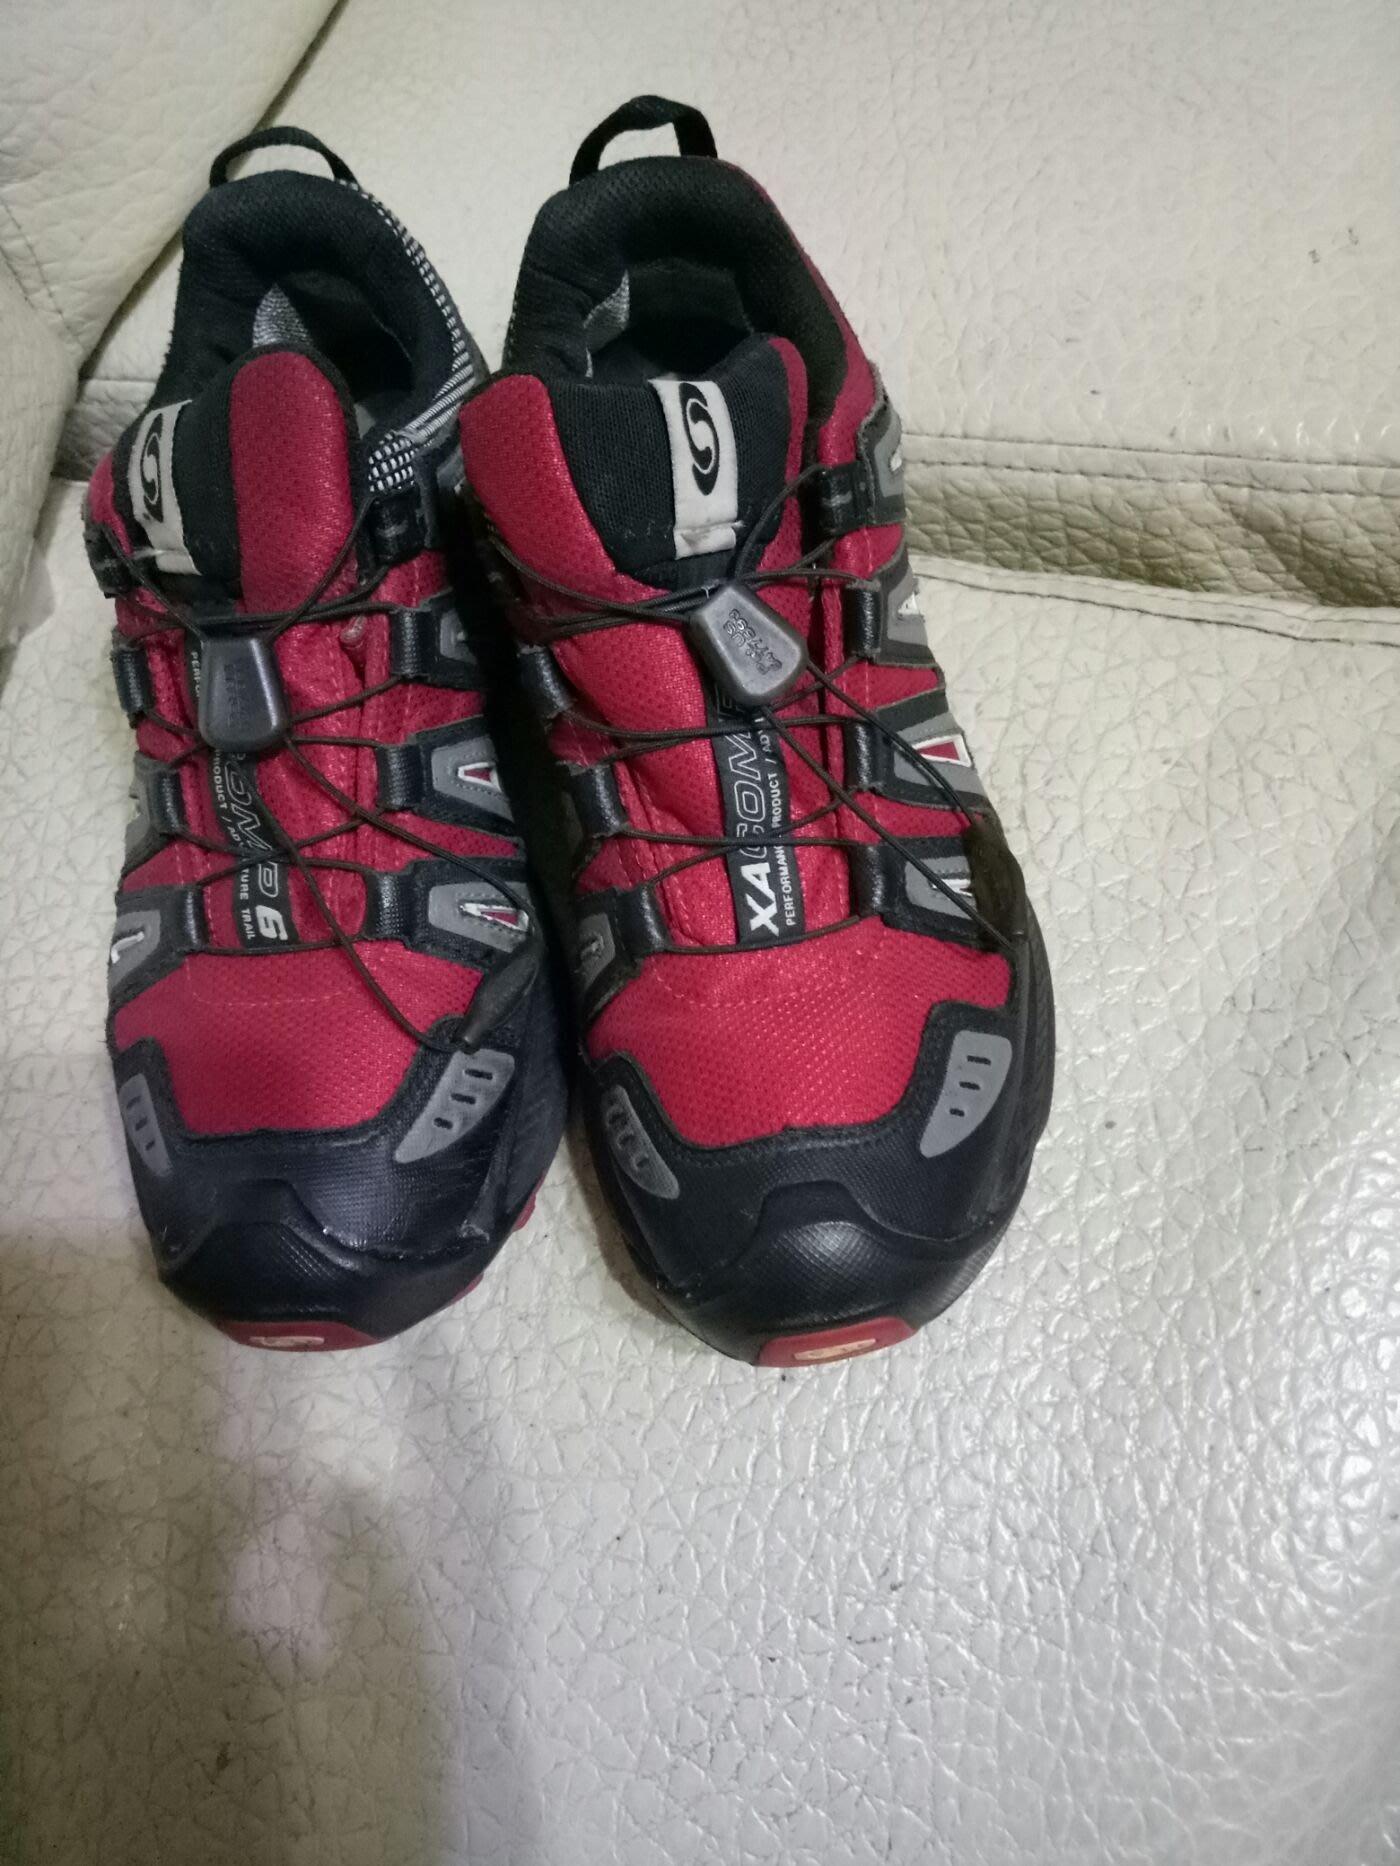 品牌SALOMON. GORE TEX運動鞋24.5/39.5男女生皆可穿